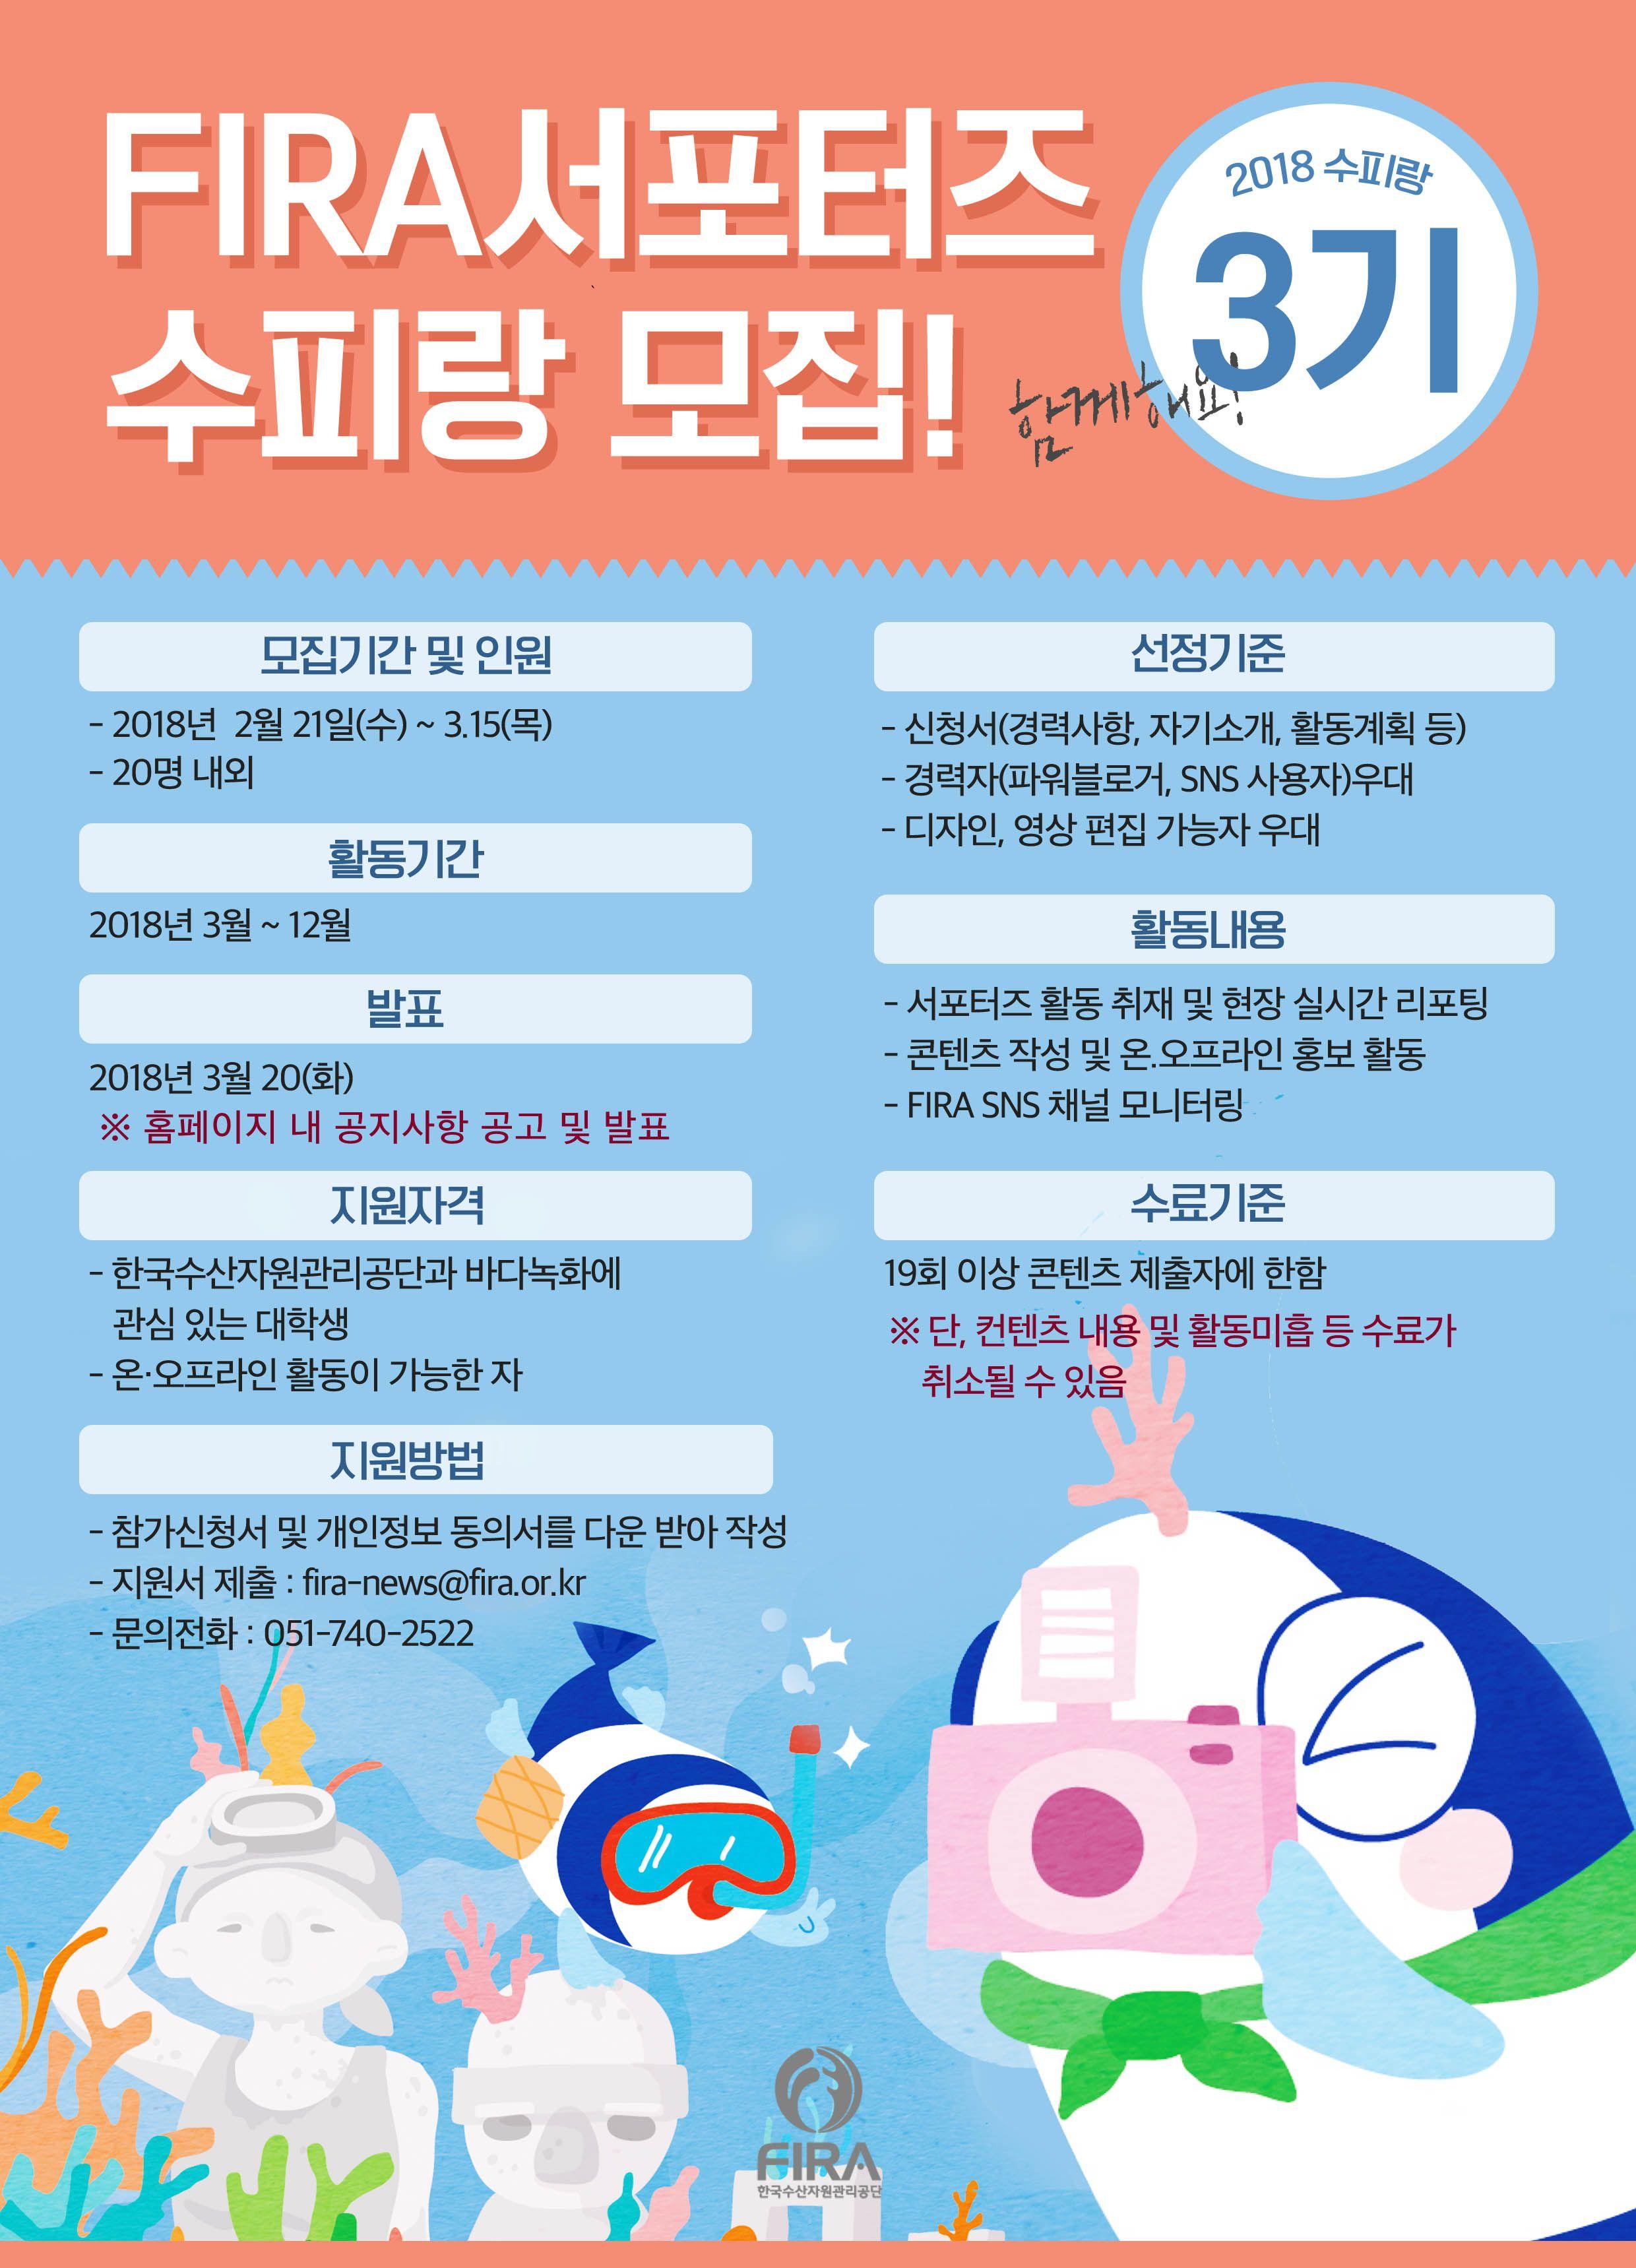 [한국수산자원관리공단] 서포터즈 수피랑 모집